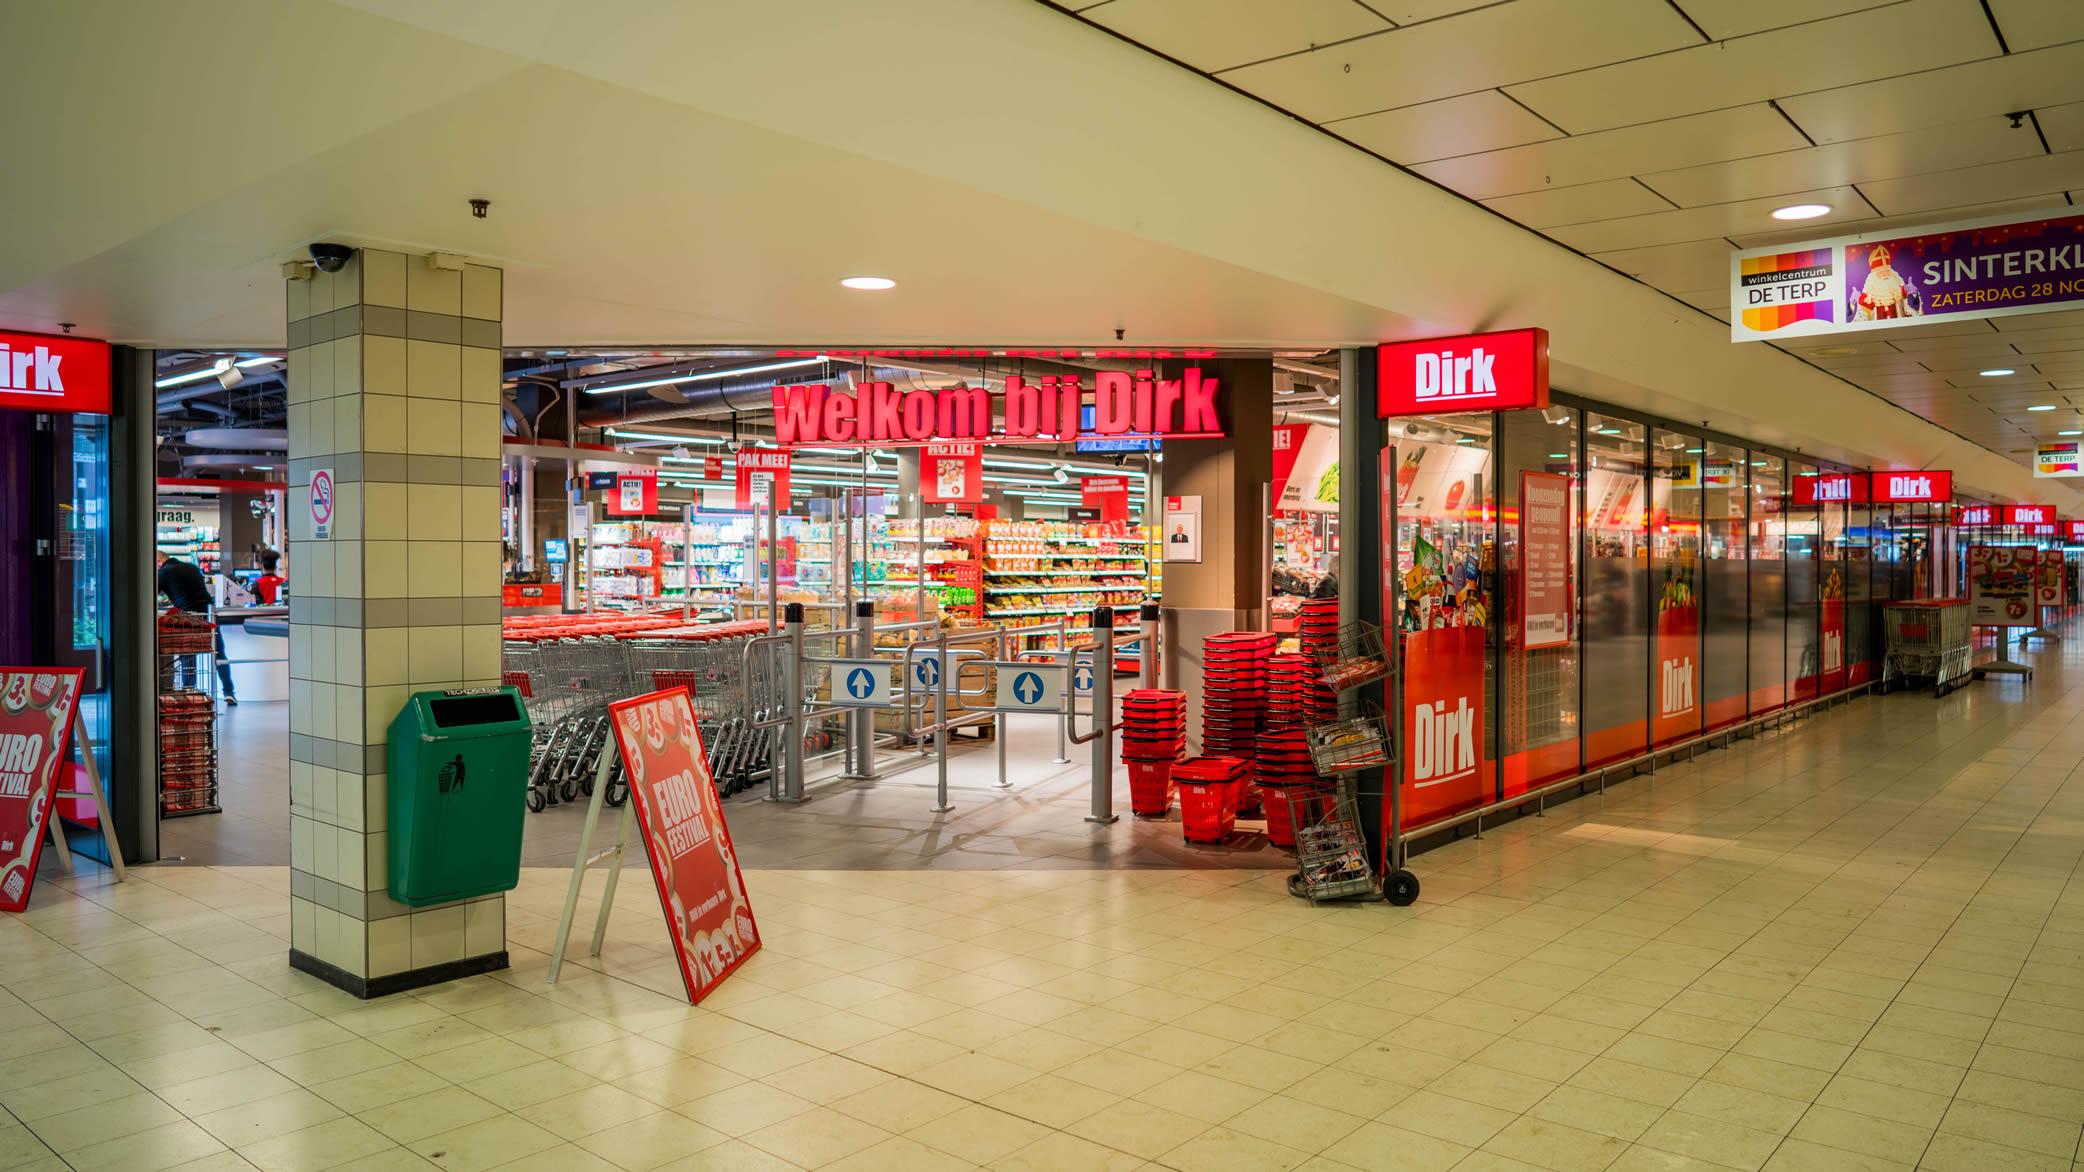 Winkelcentrum De Terp Dirk Van Den Broek